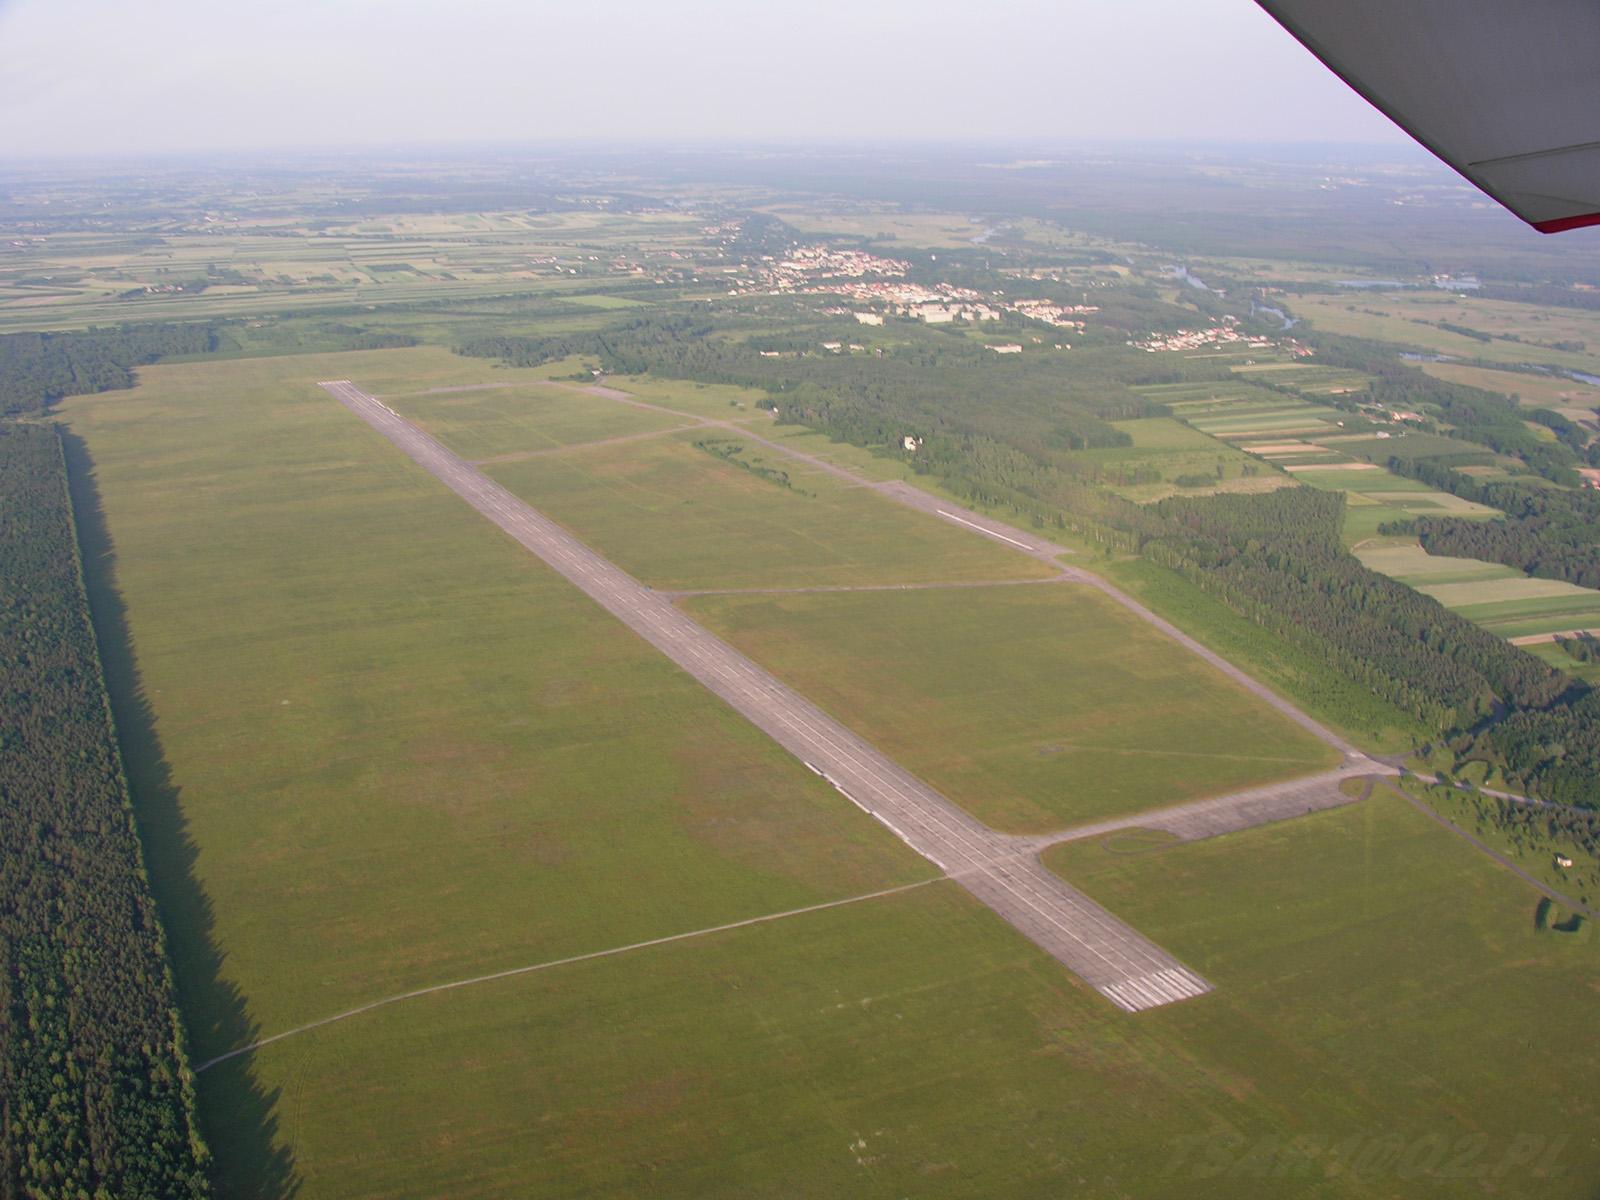 Plik lotnisko nowe miasto nad pilic zdj cie z lotu ptaka for Cie 85 table 4